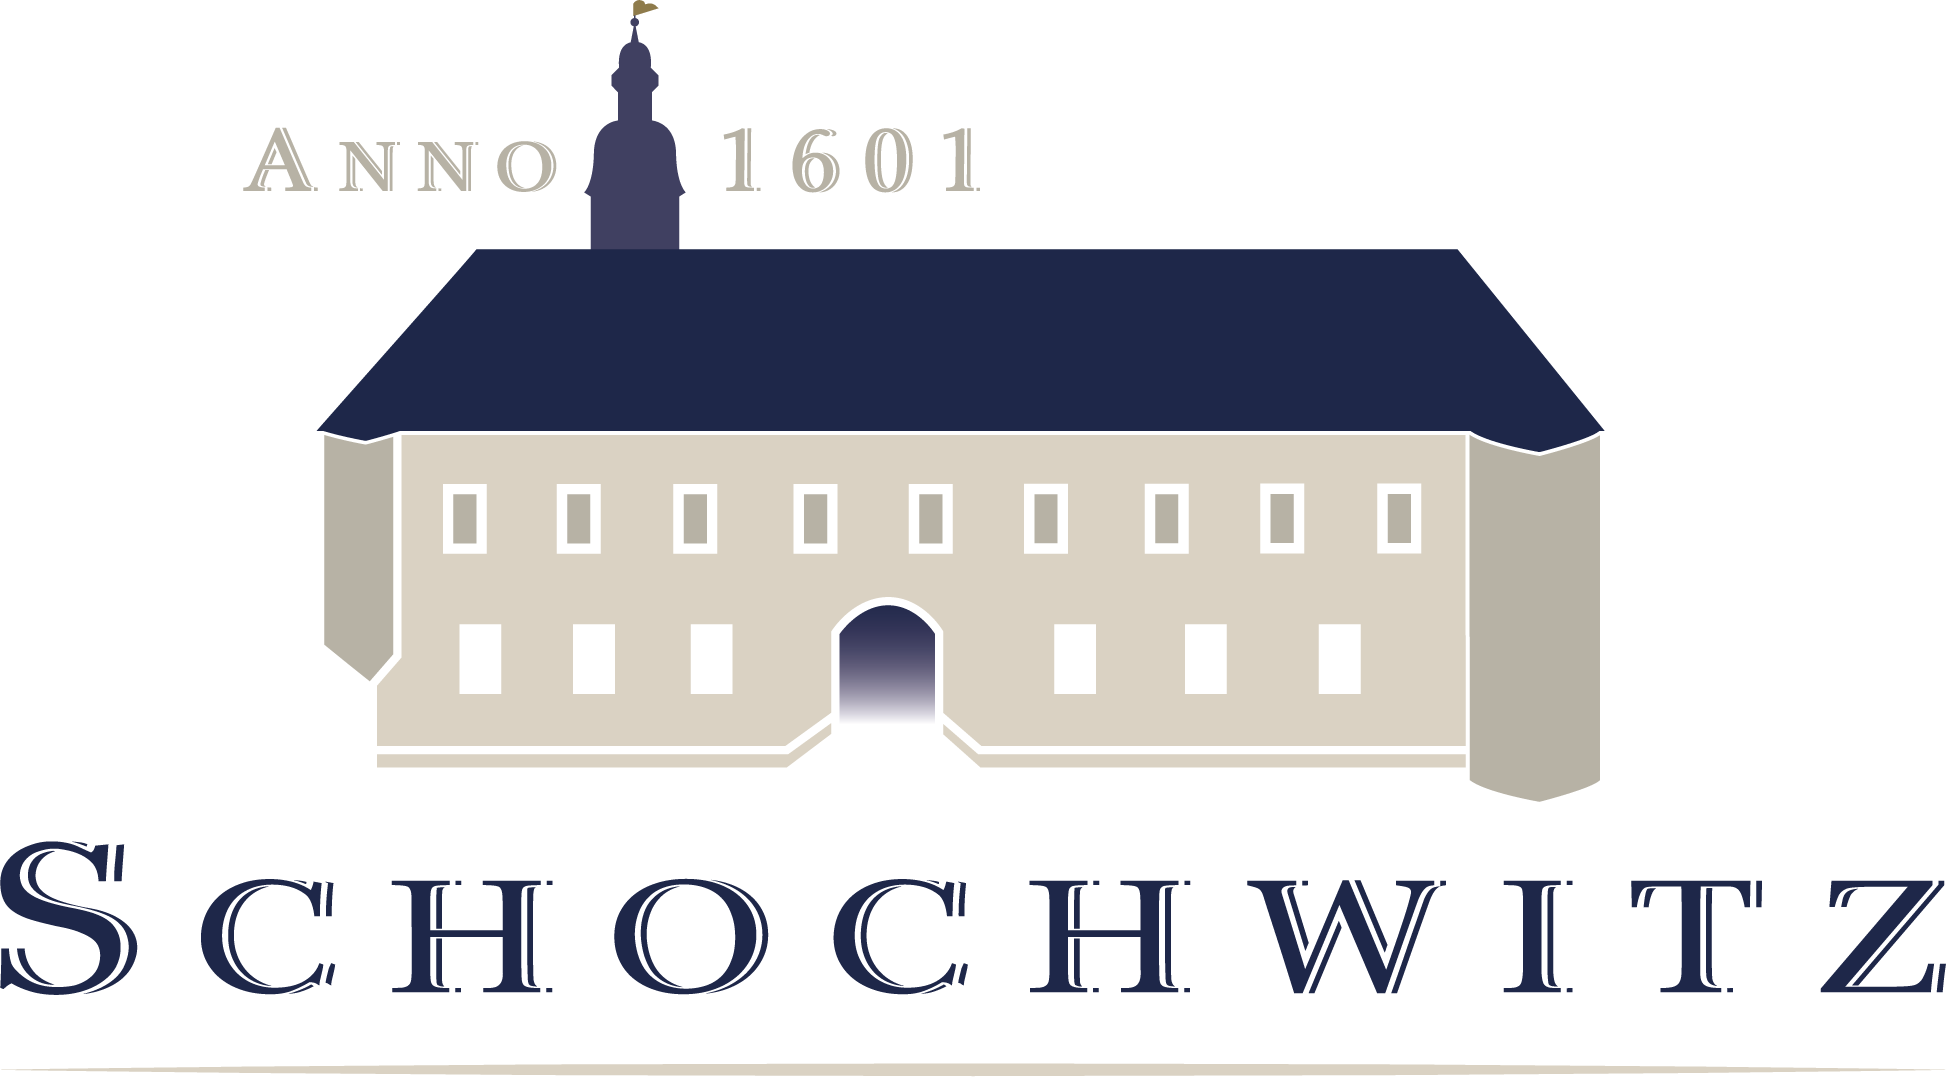 Schloss Schochwitz